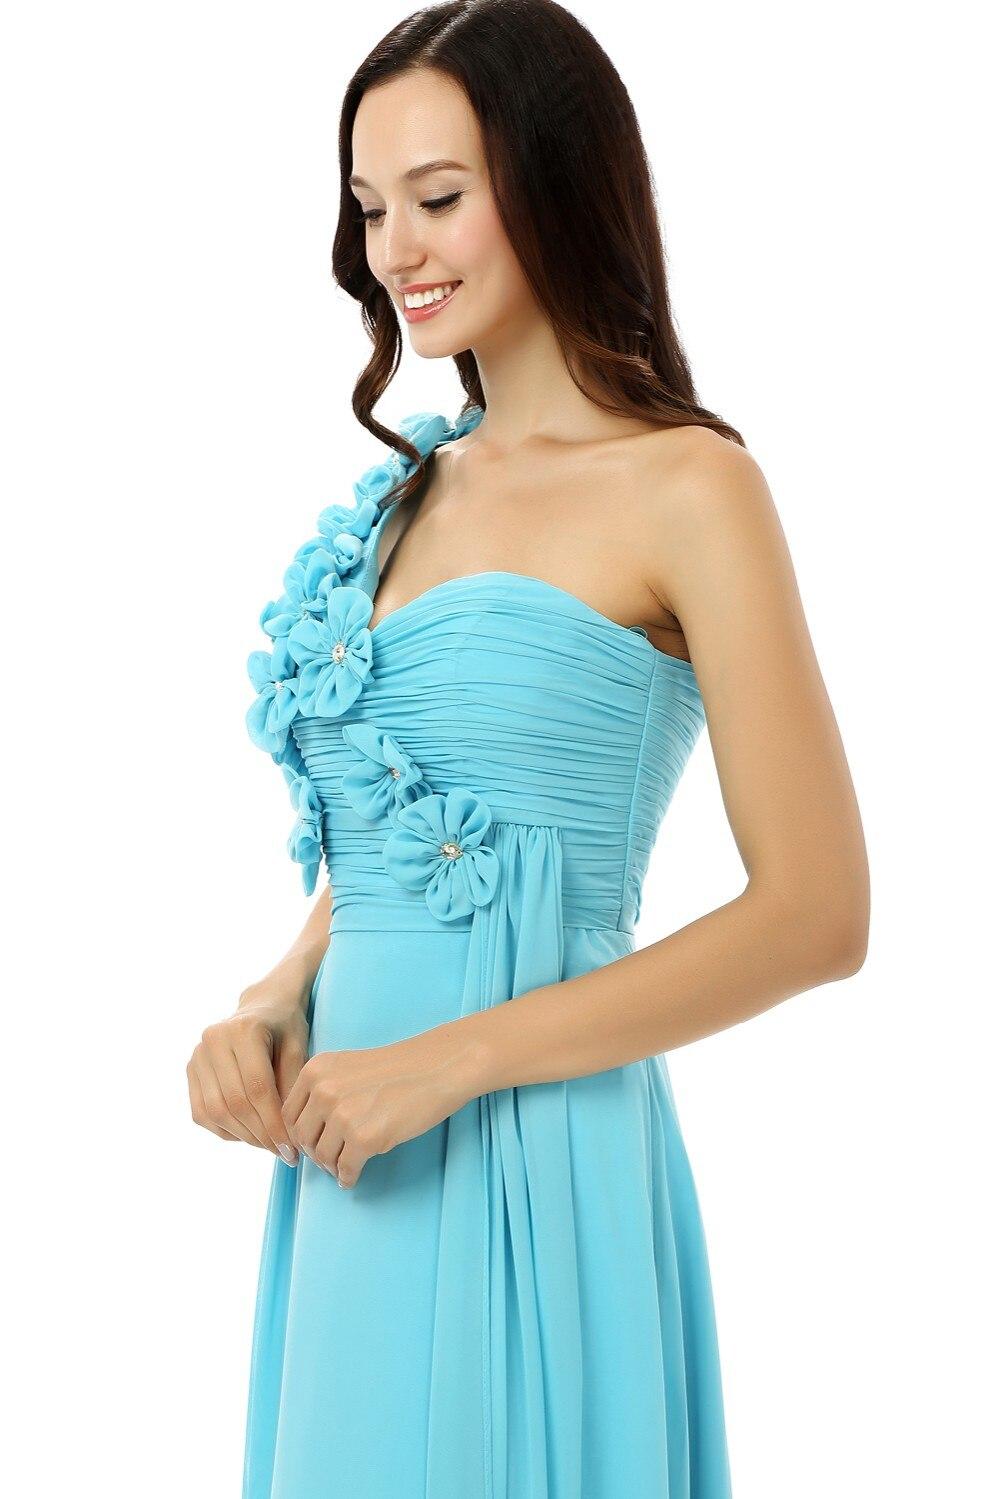 Pretty Cocktail Dresses Under 50 Images - Wedding Ideas - memiocall.com